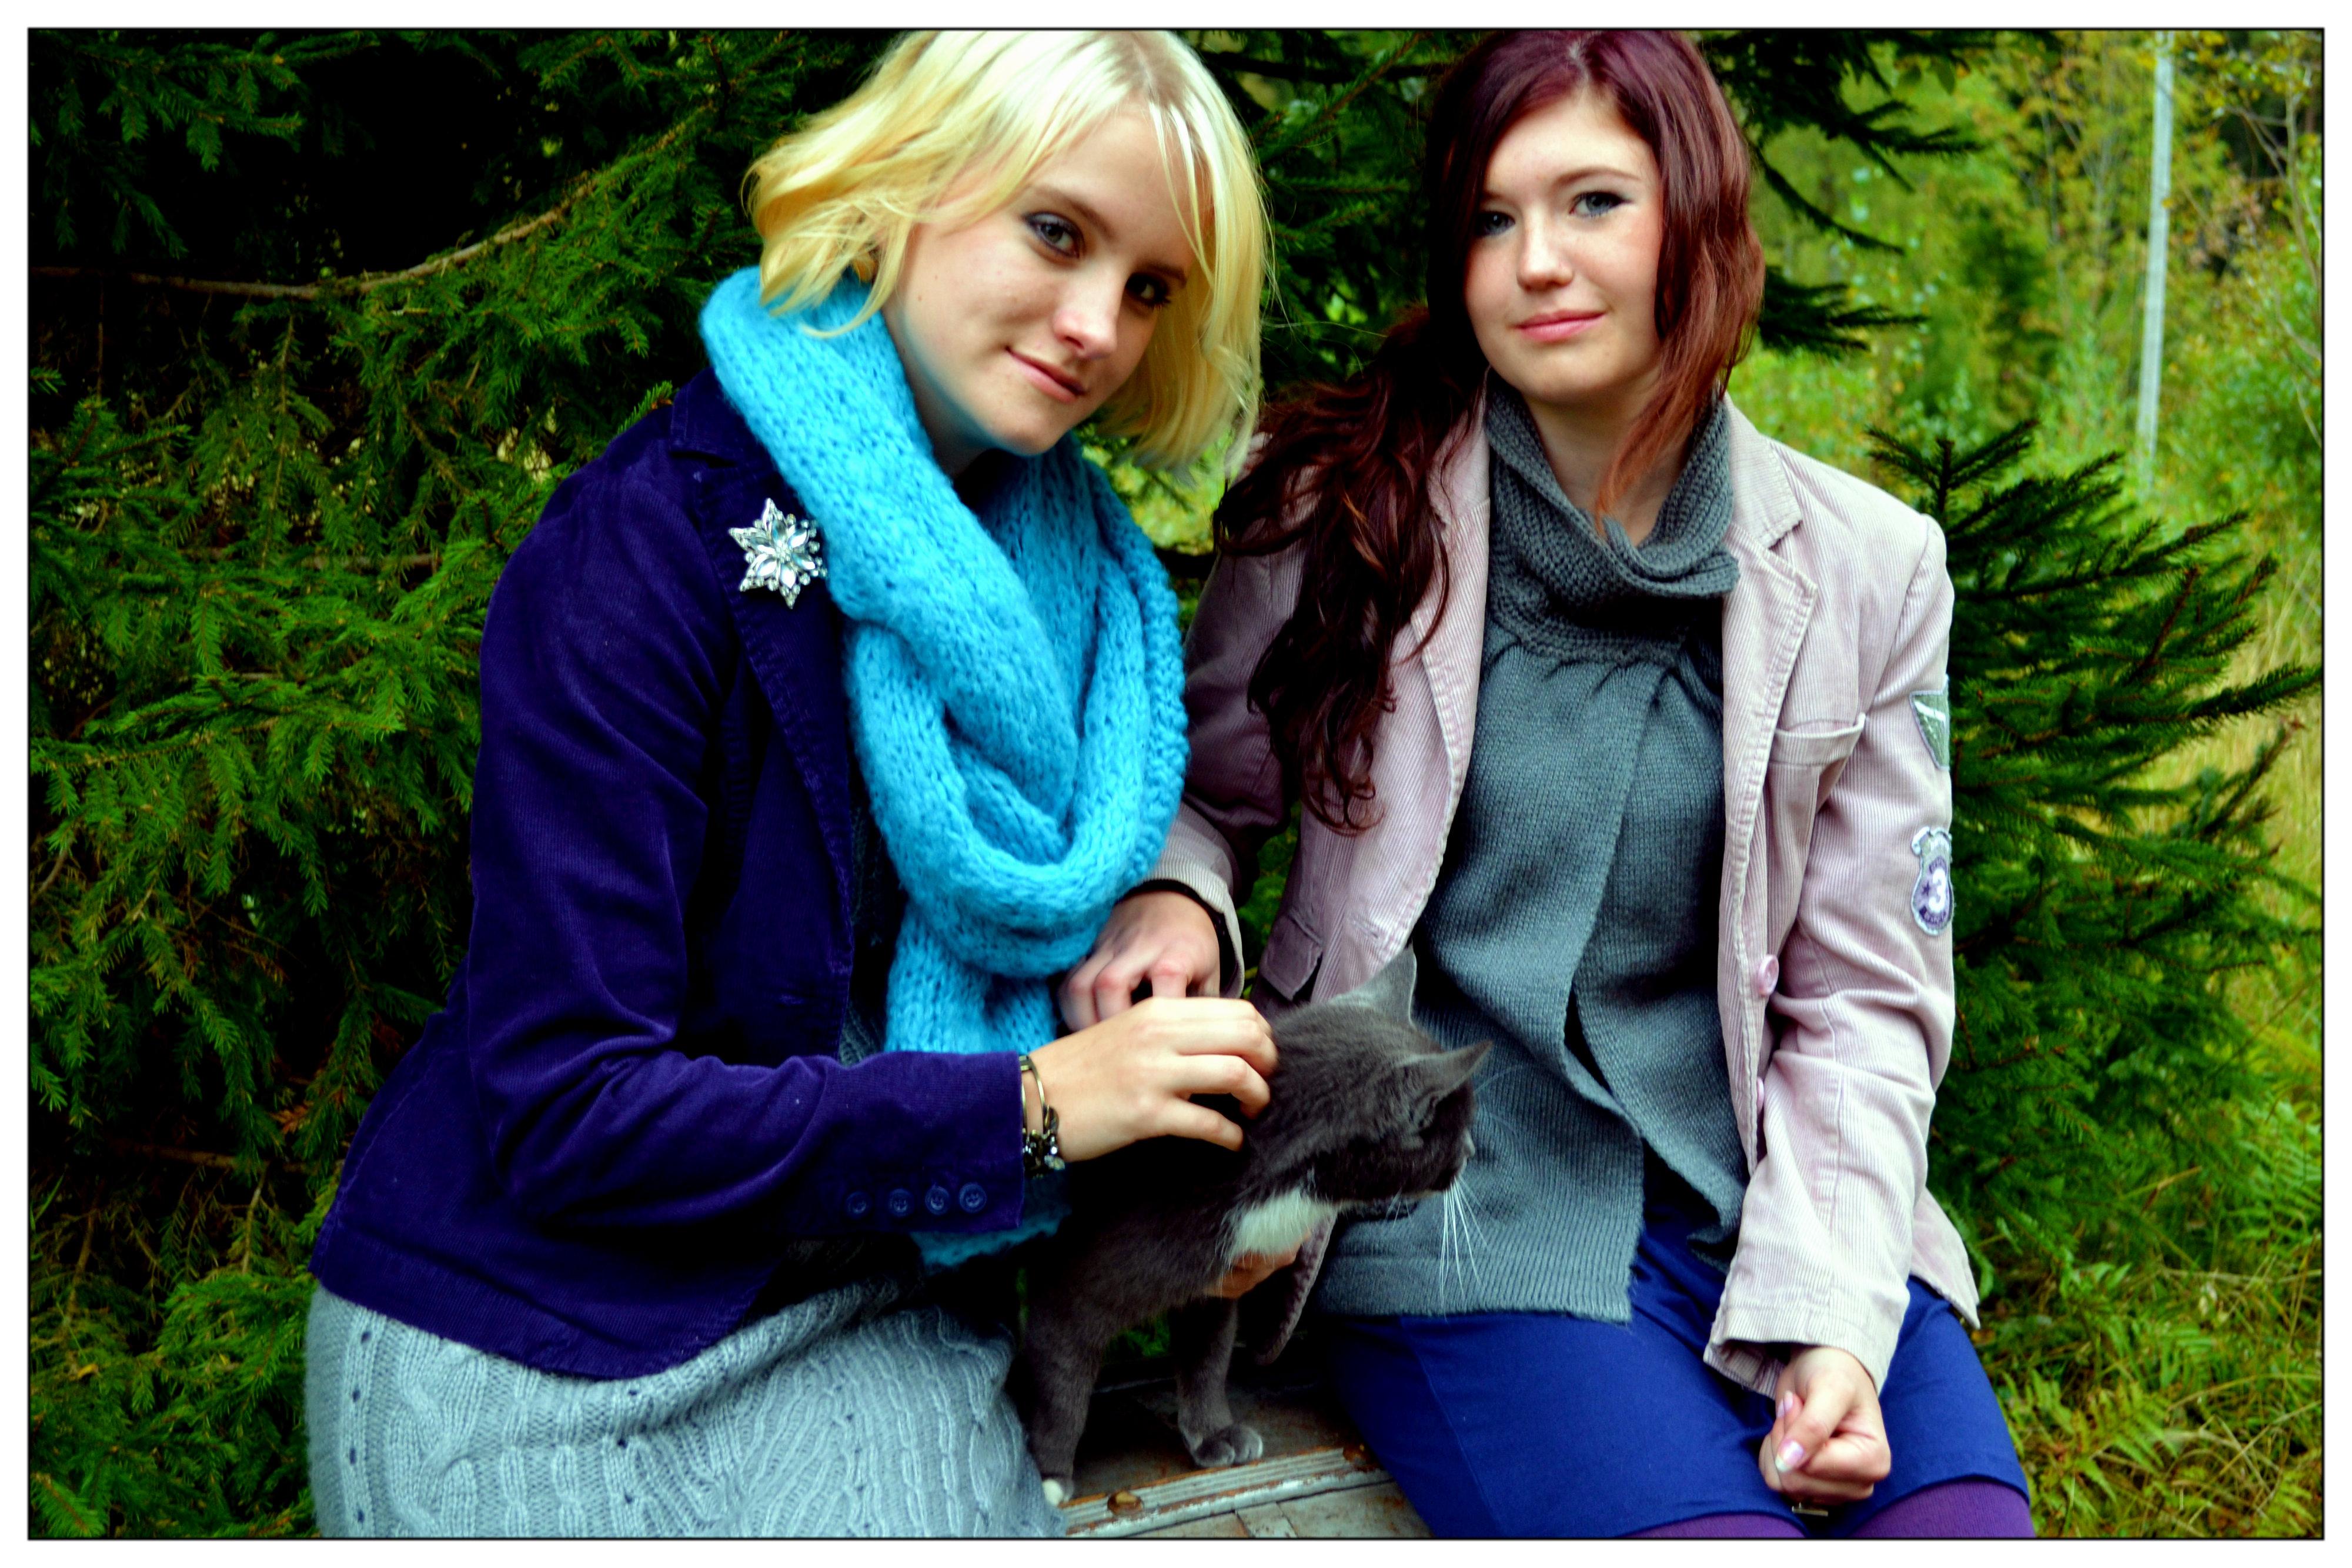 eccb253c9502 Dina kläder går att kombinera på massor sav olika sätt! Alexandras ljusa  kavaj och grå